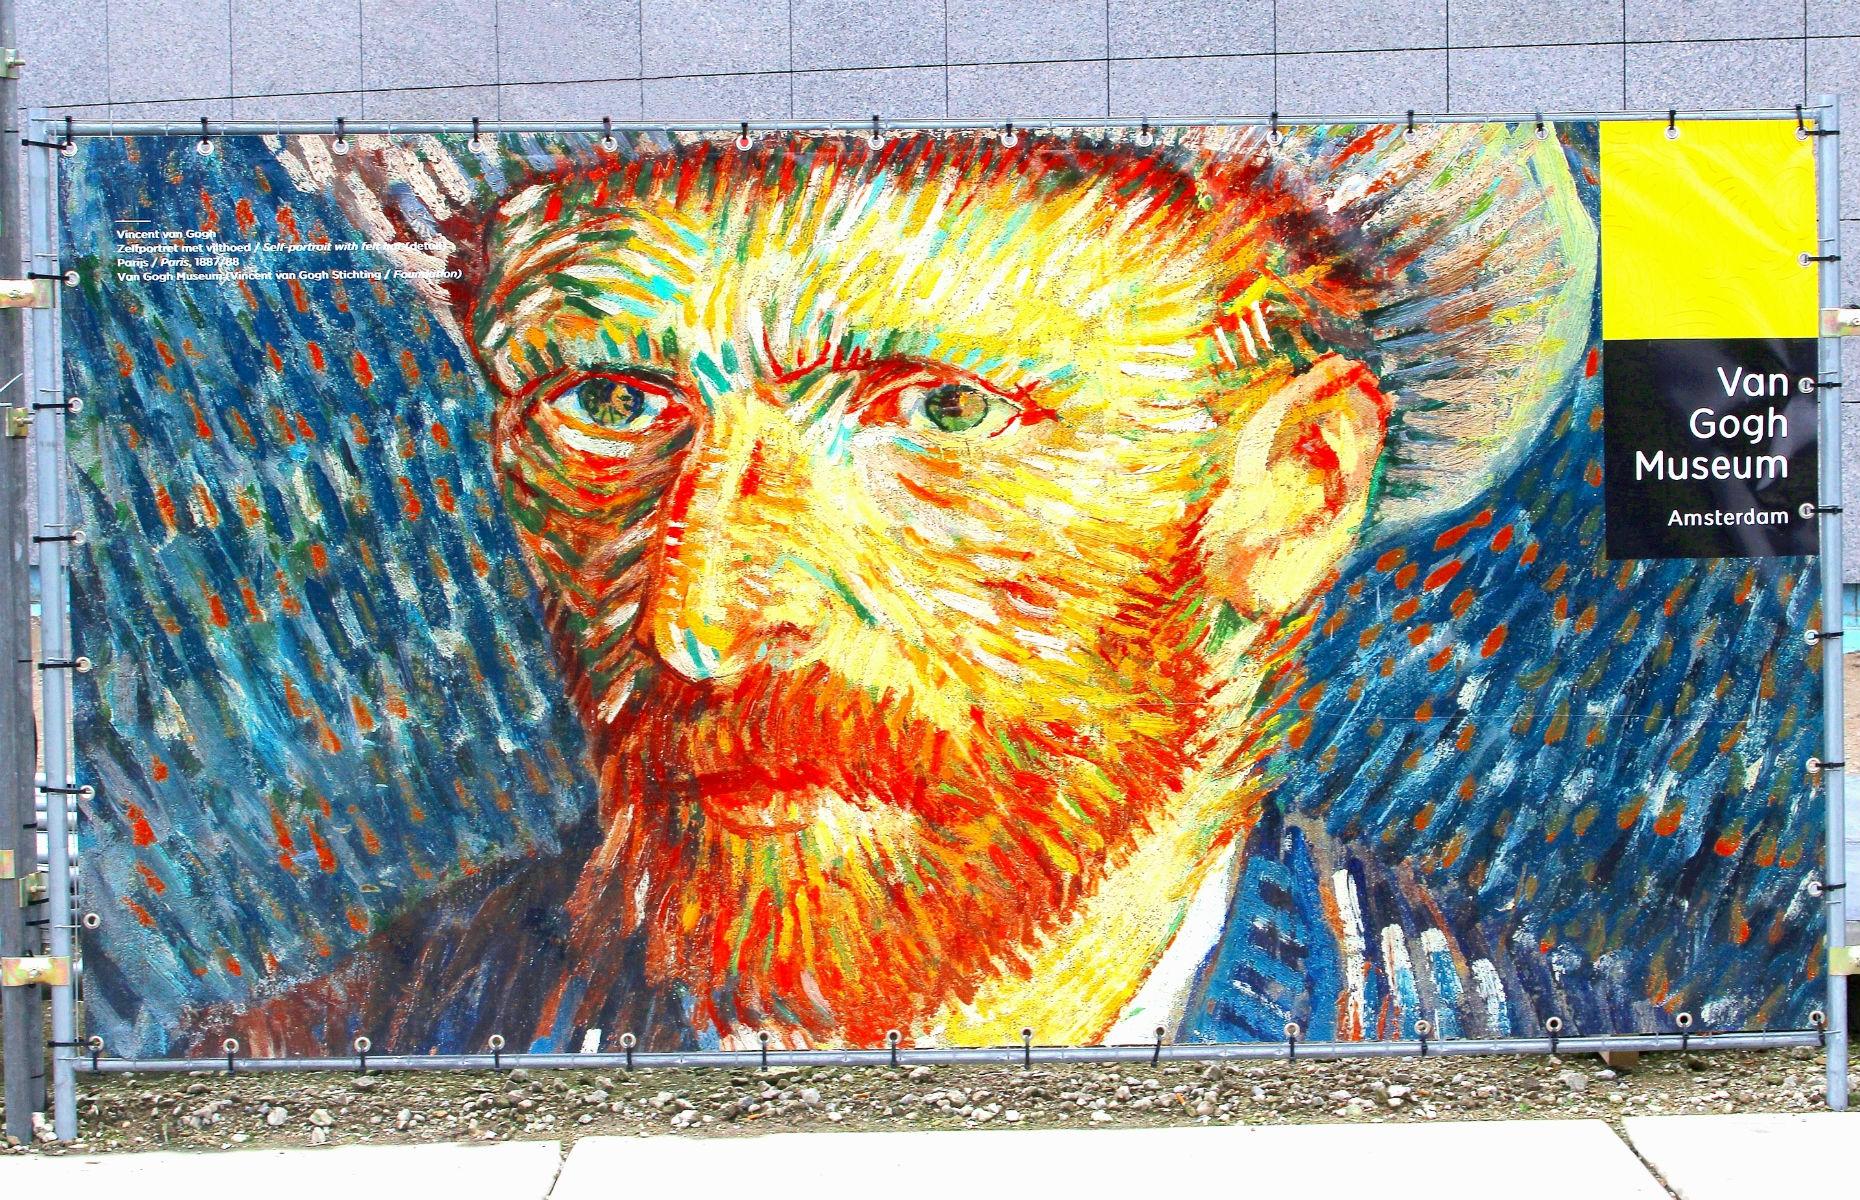 Van Gogh Museum (Image: ingehogenbijl/Shutterstock)